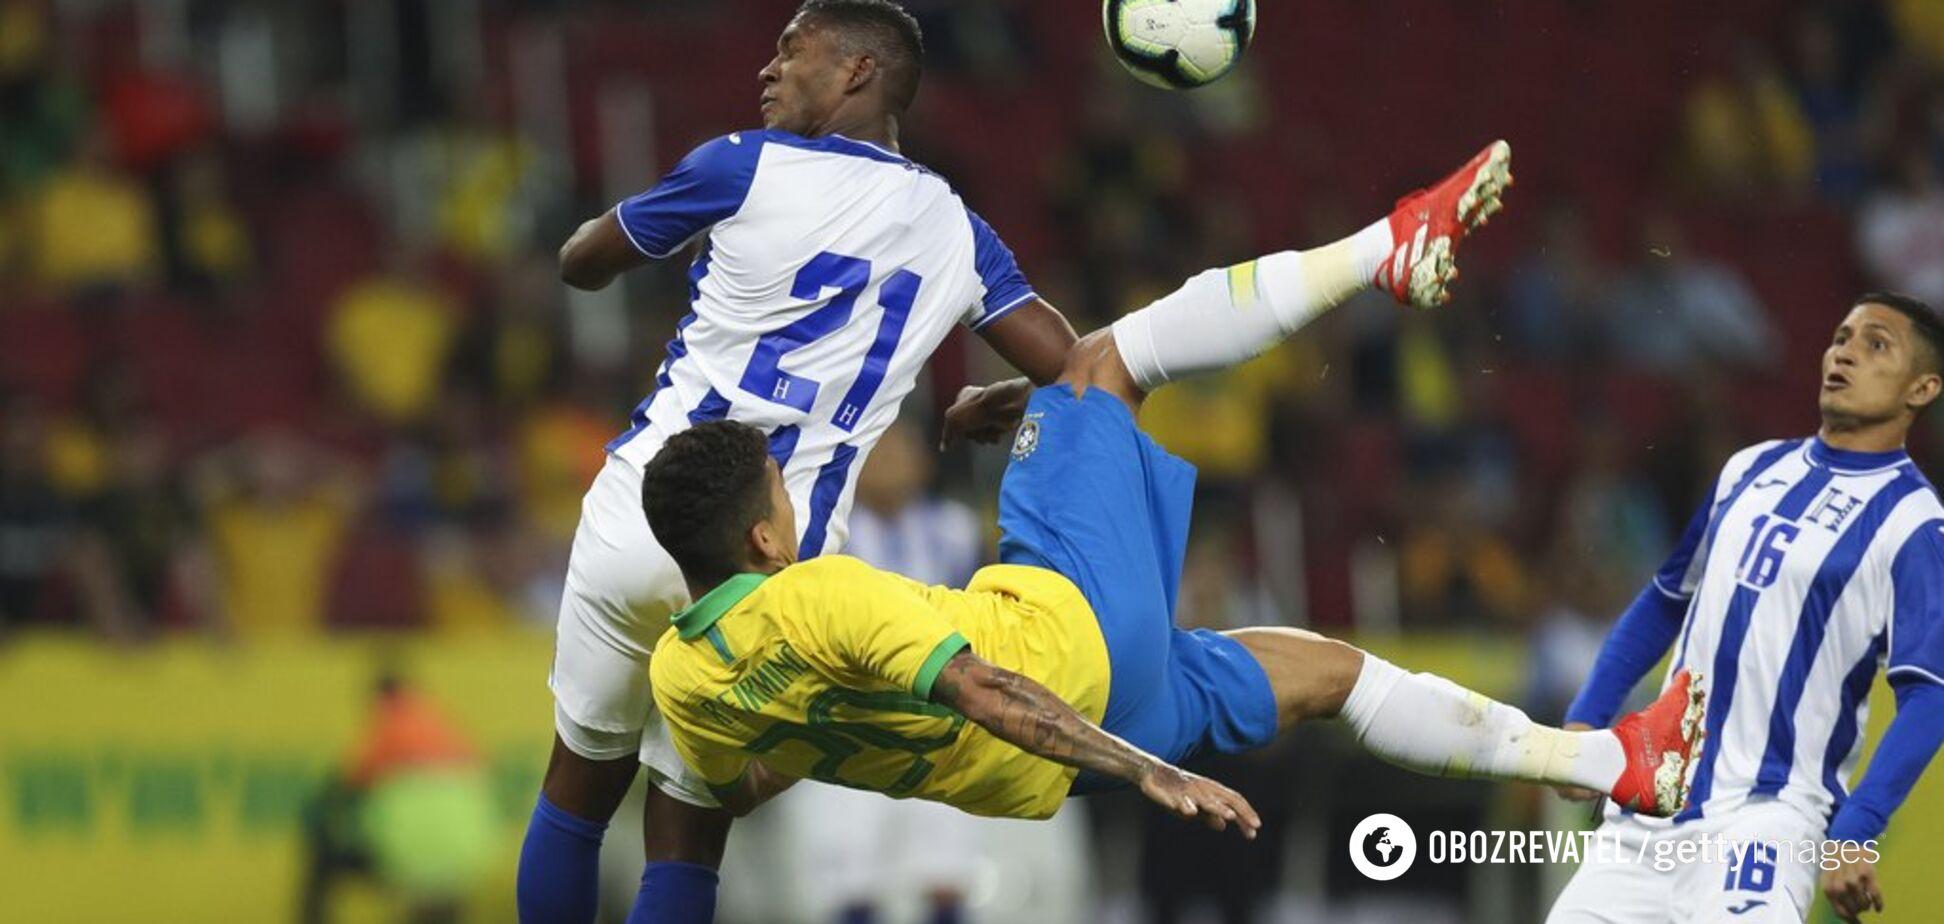 Вслепую: футболист сборной Бразилии забил самый необычный гол Кубка Америки